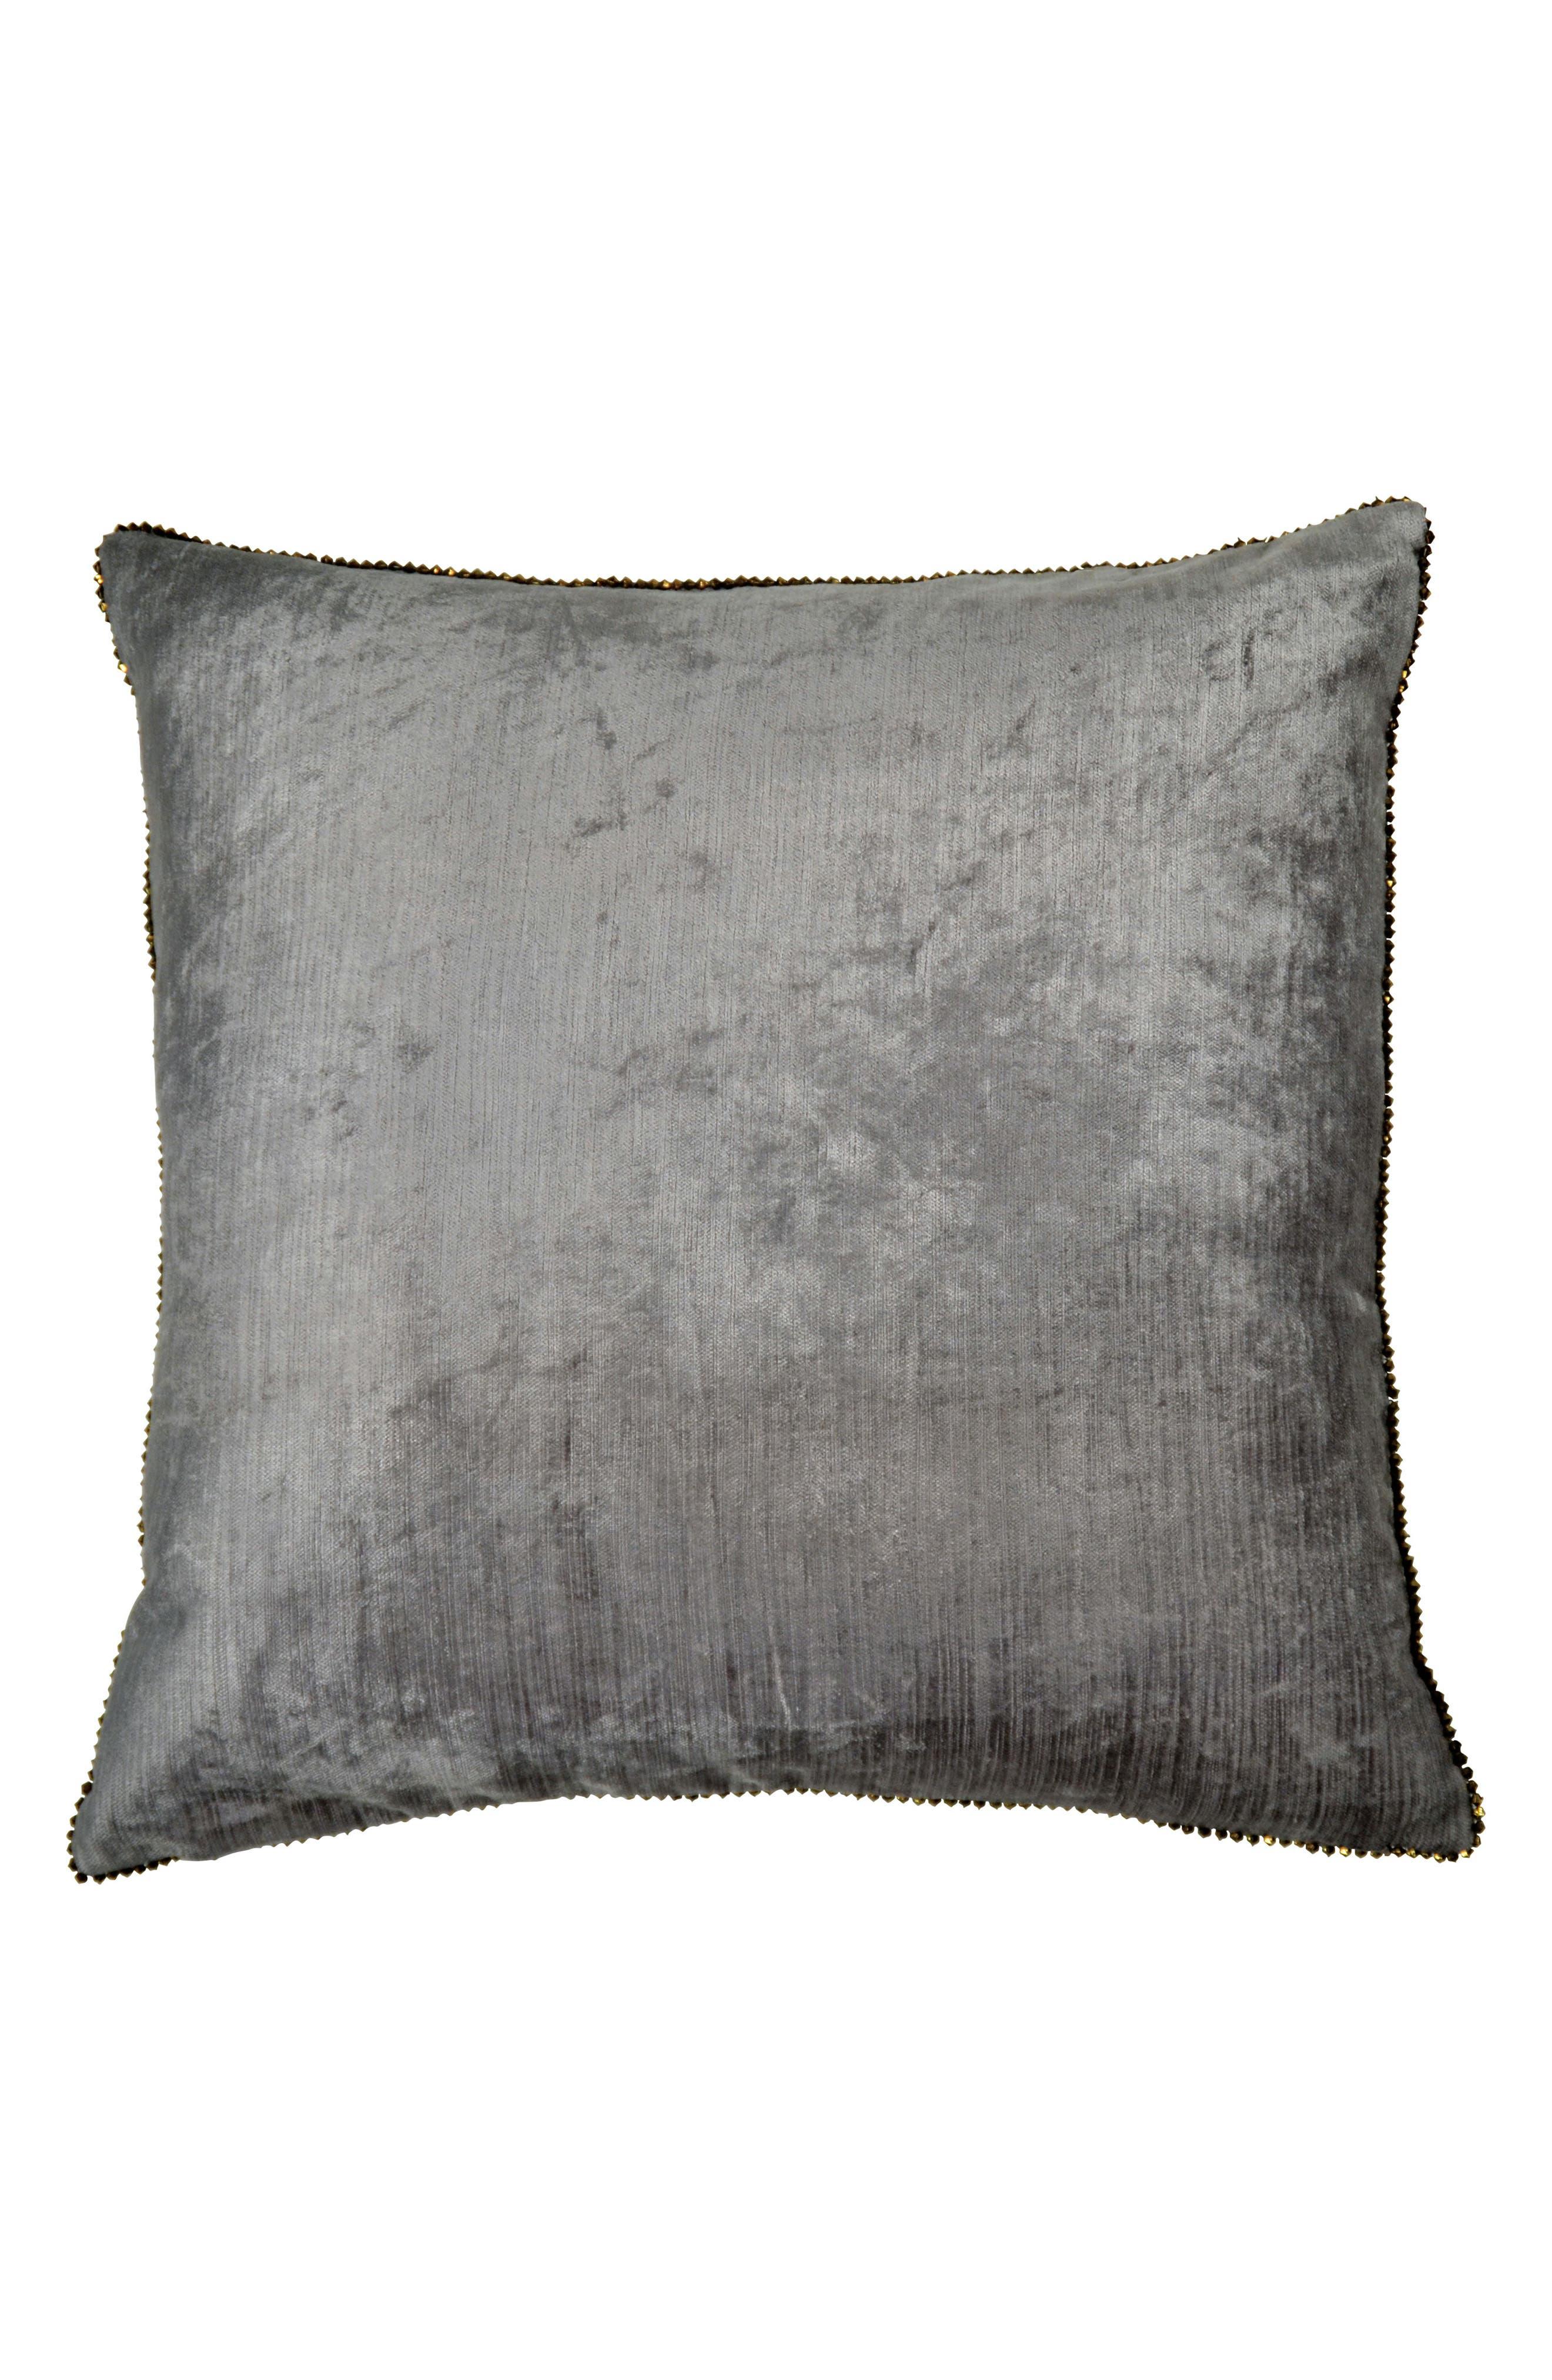 Michael Aram Velvet Accent Pillow